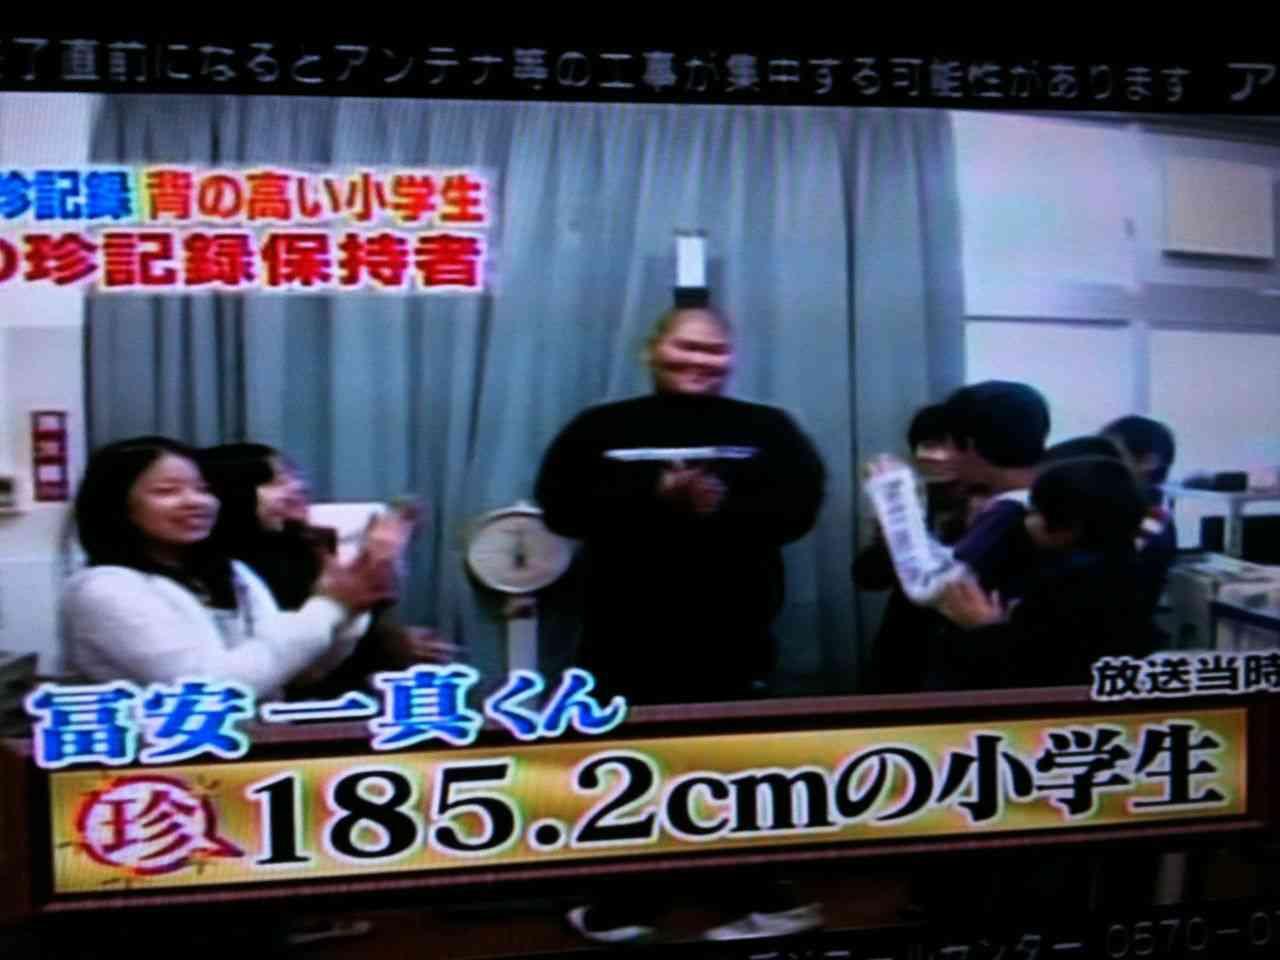 けんかで重体の男児死亡、東京足立区の小4